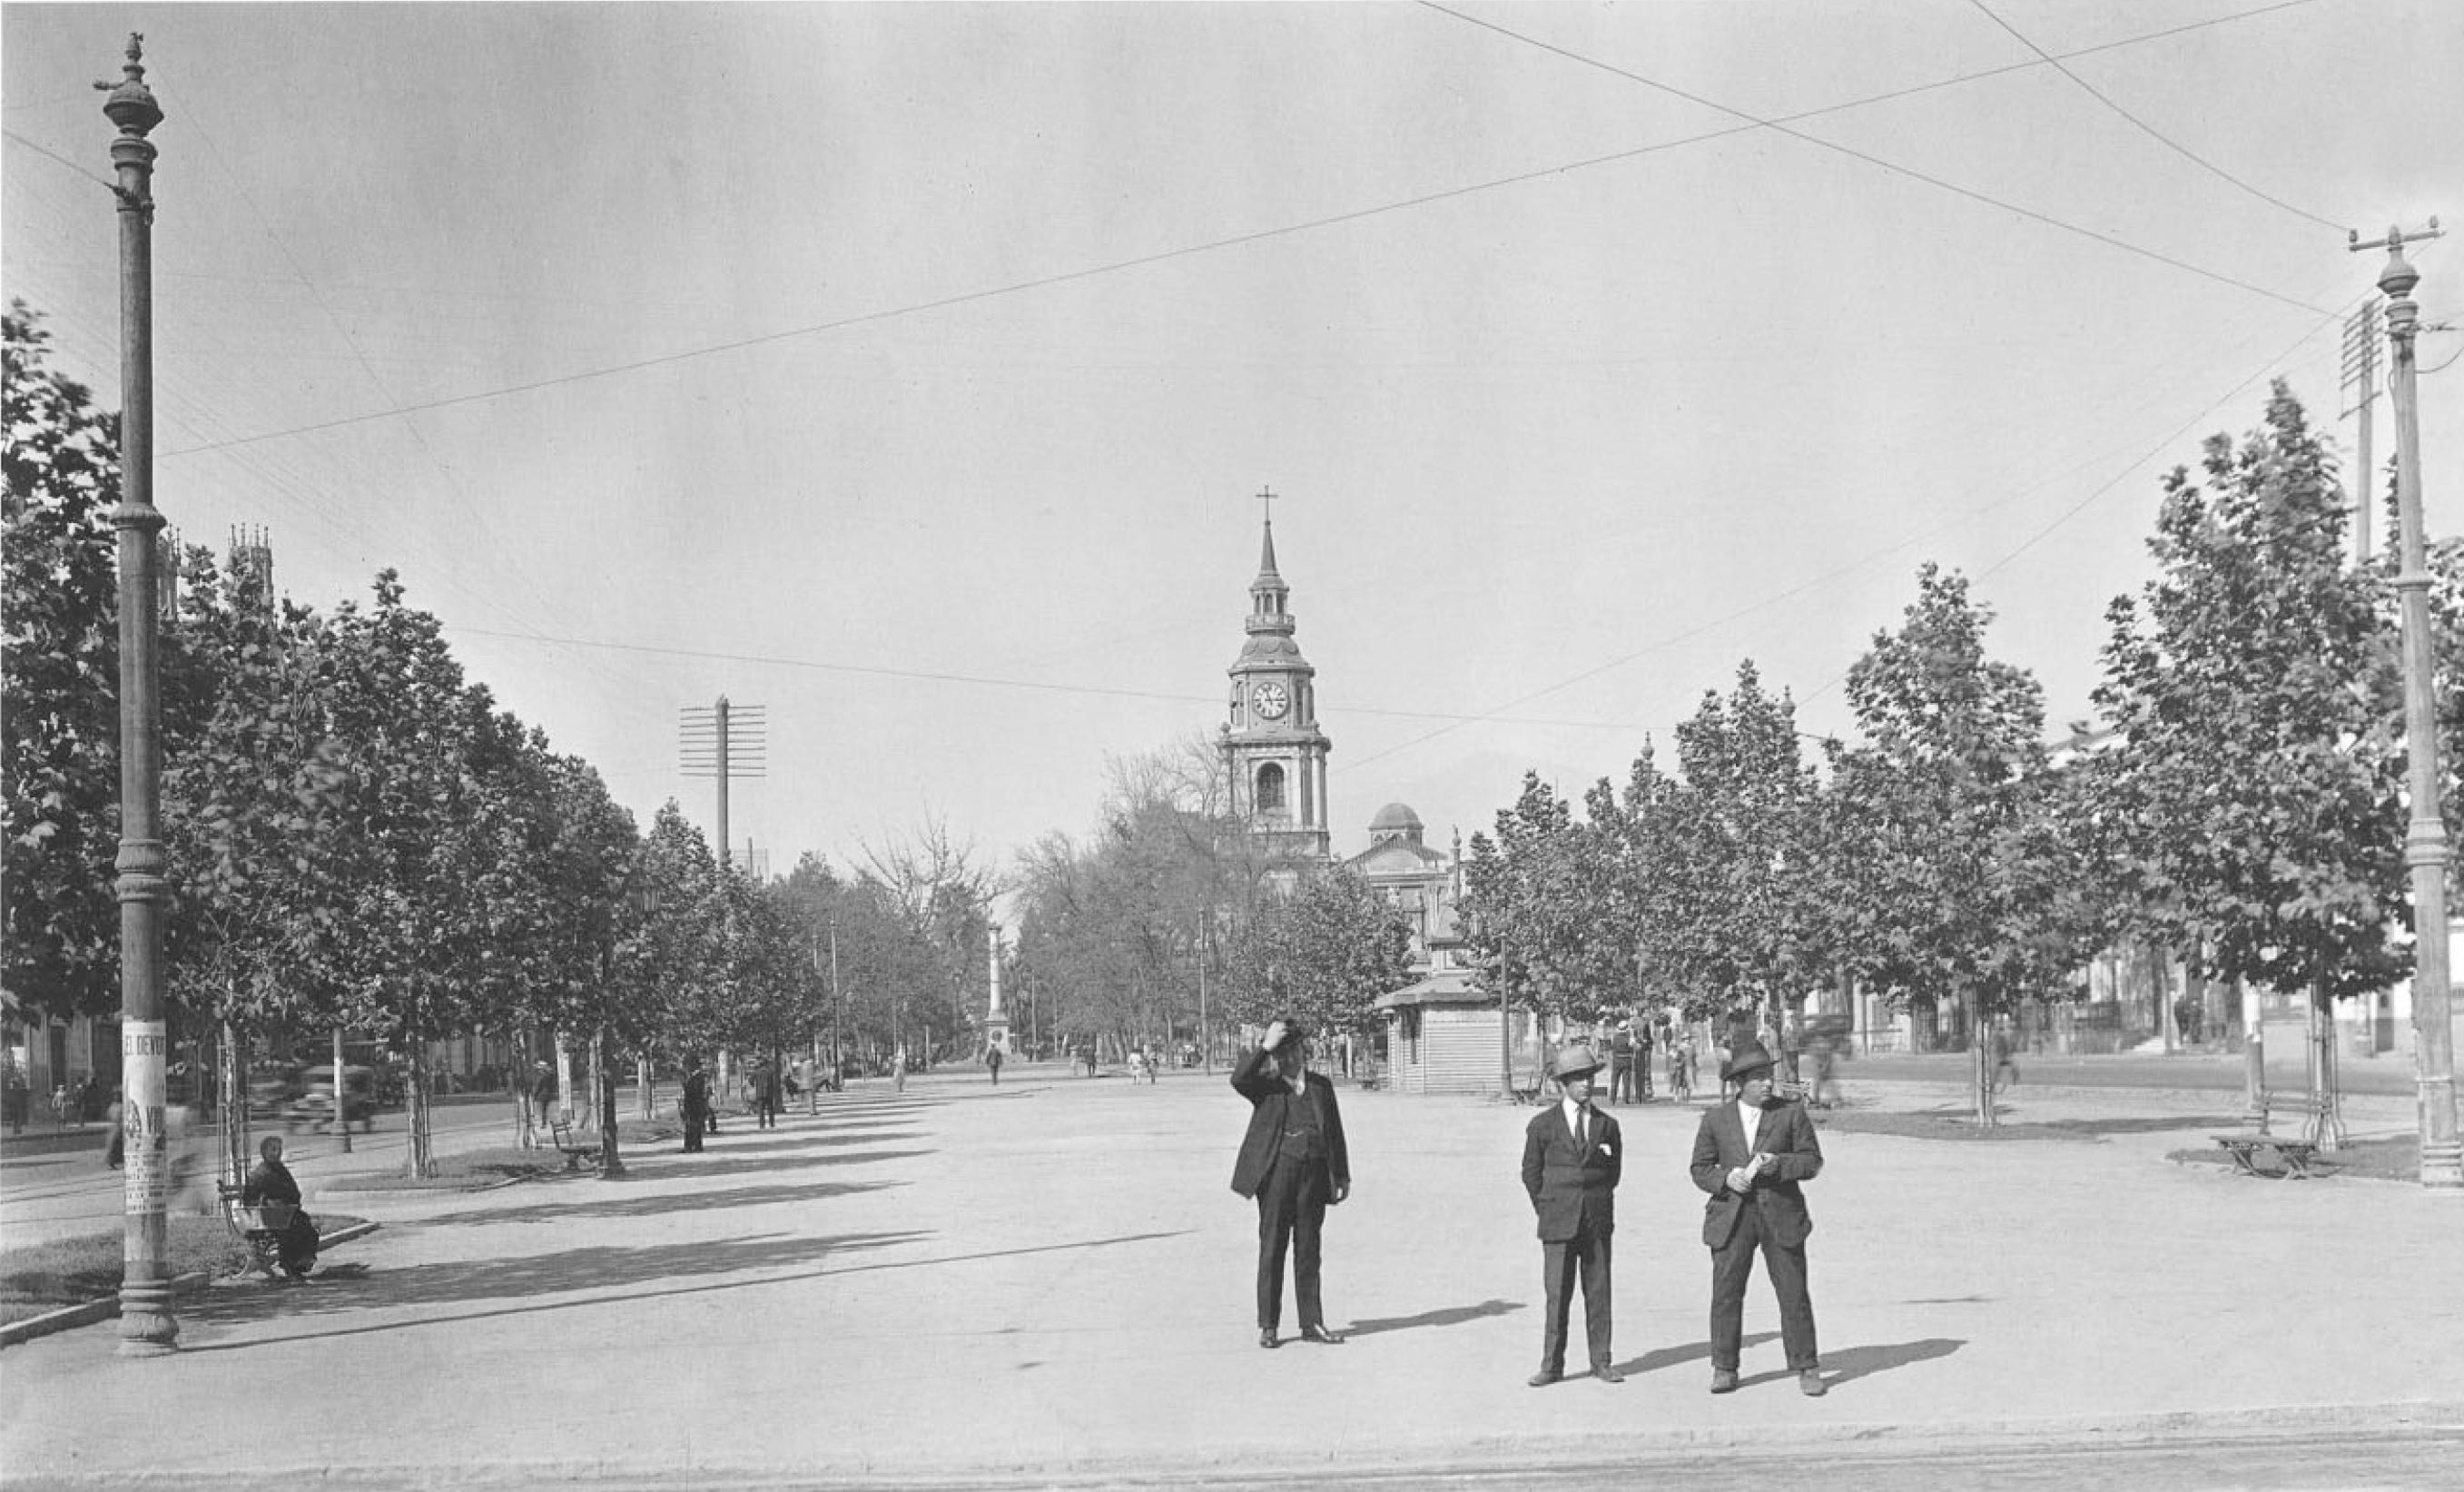 Enterreno - Fotos históricas de chile - fotos antiguas de Chile - Alameda de Santiago, 1927